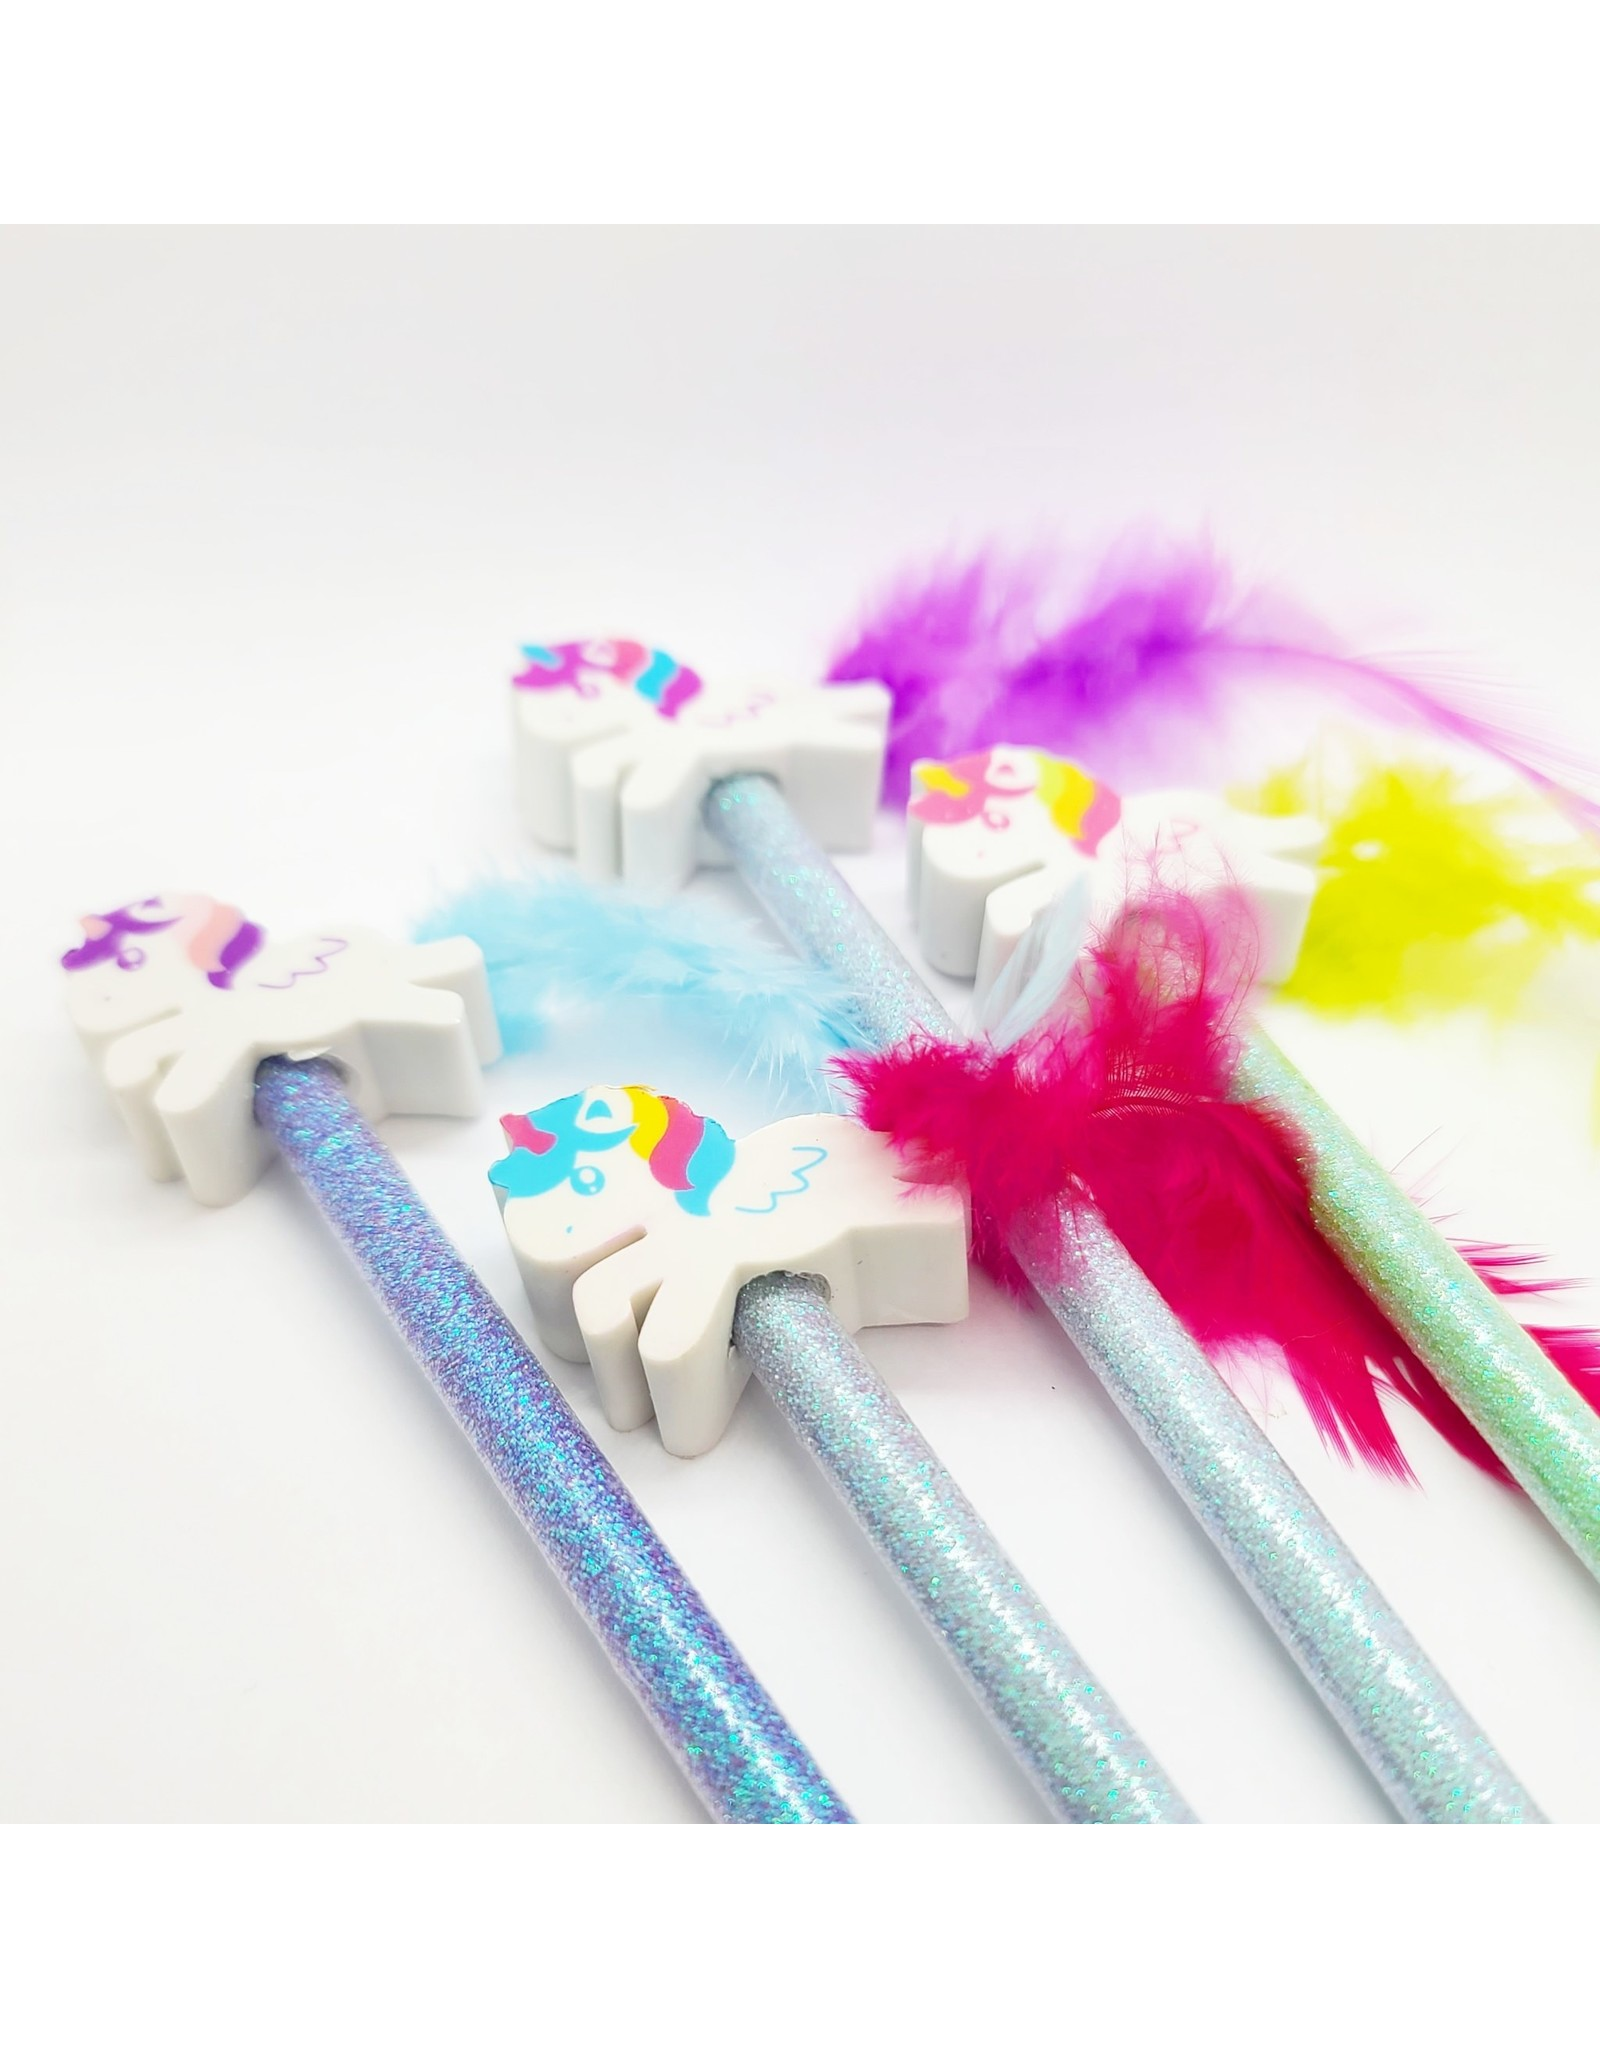 La Licornerie Quill-tailed Unicorn Pencil with Eraser